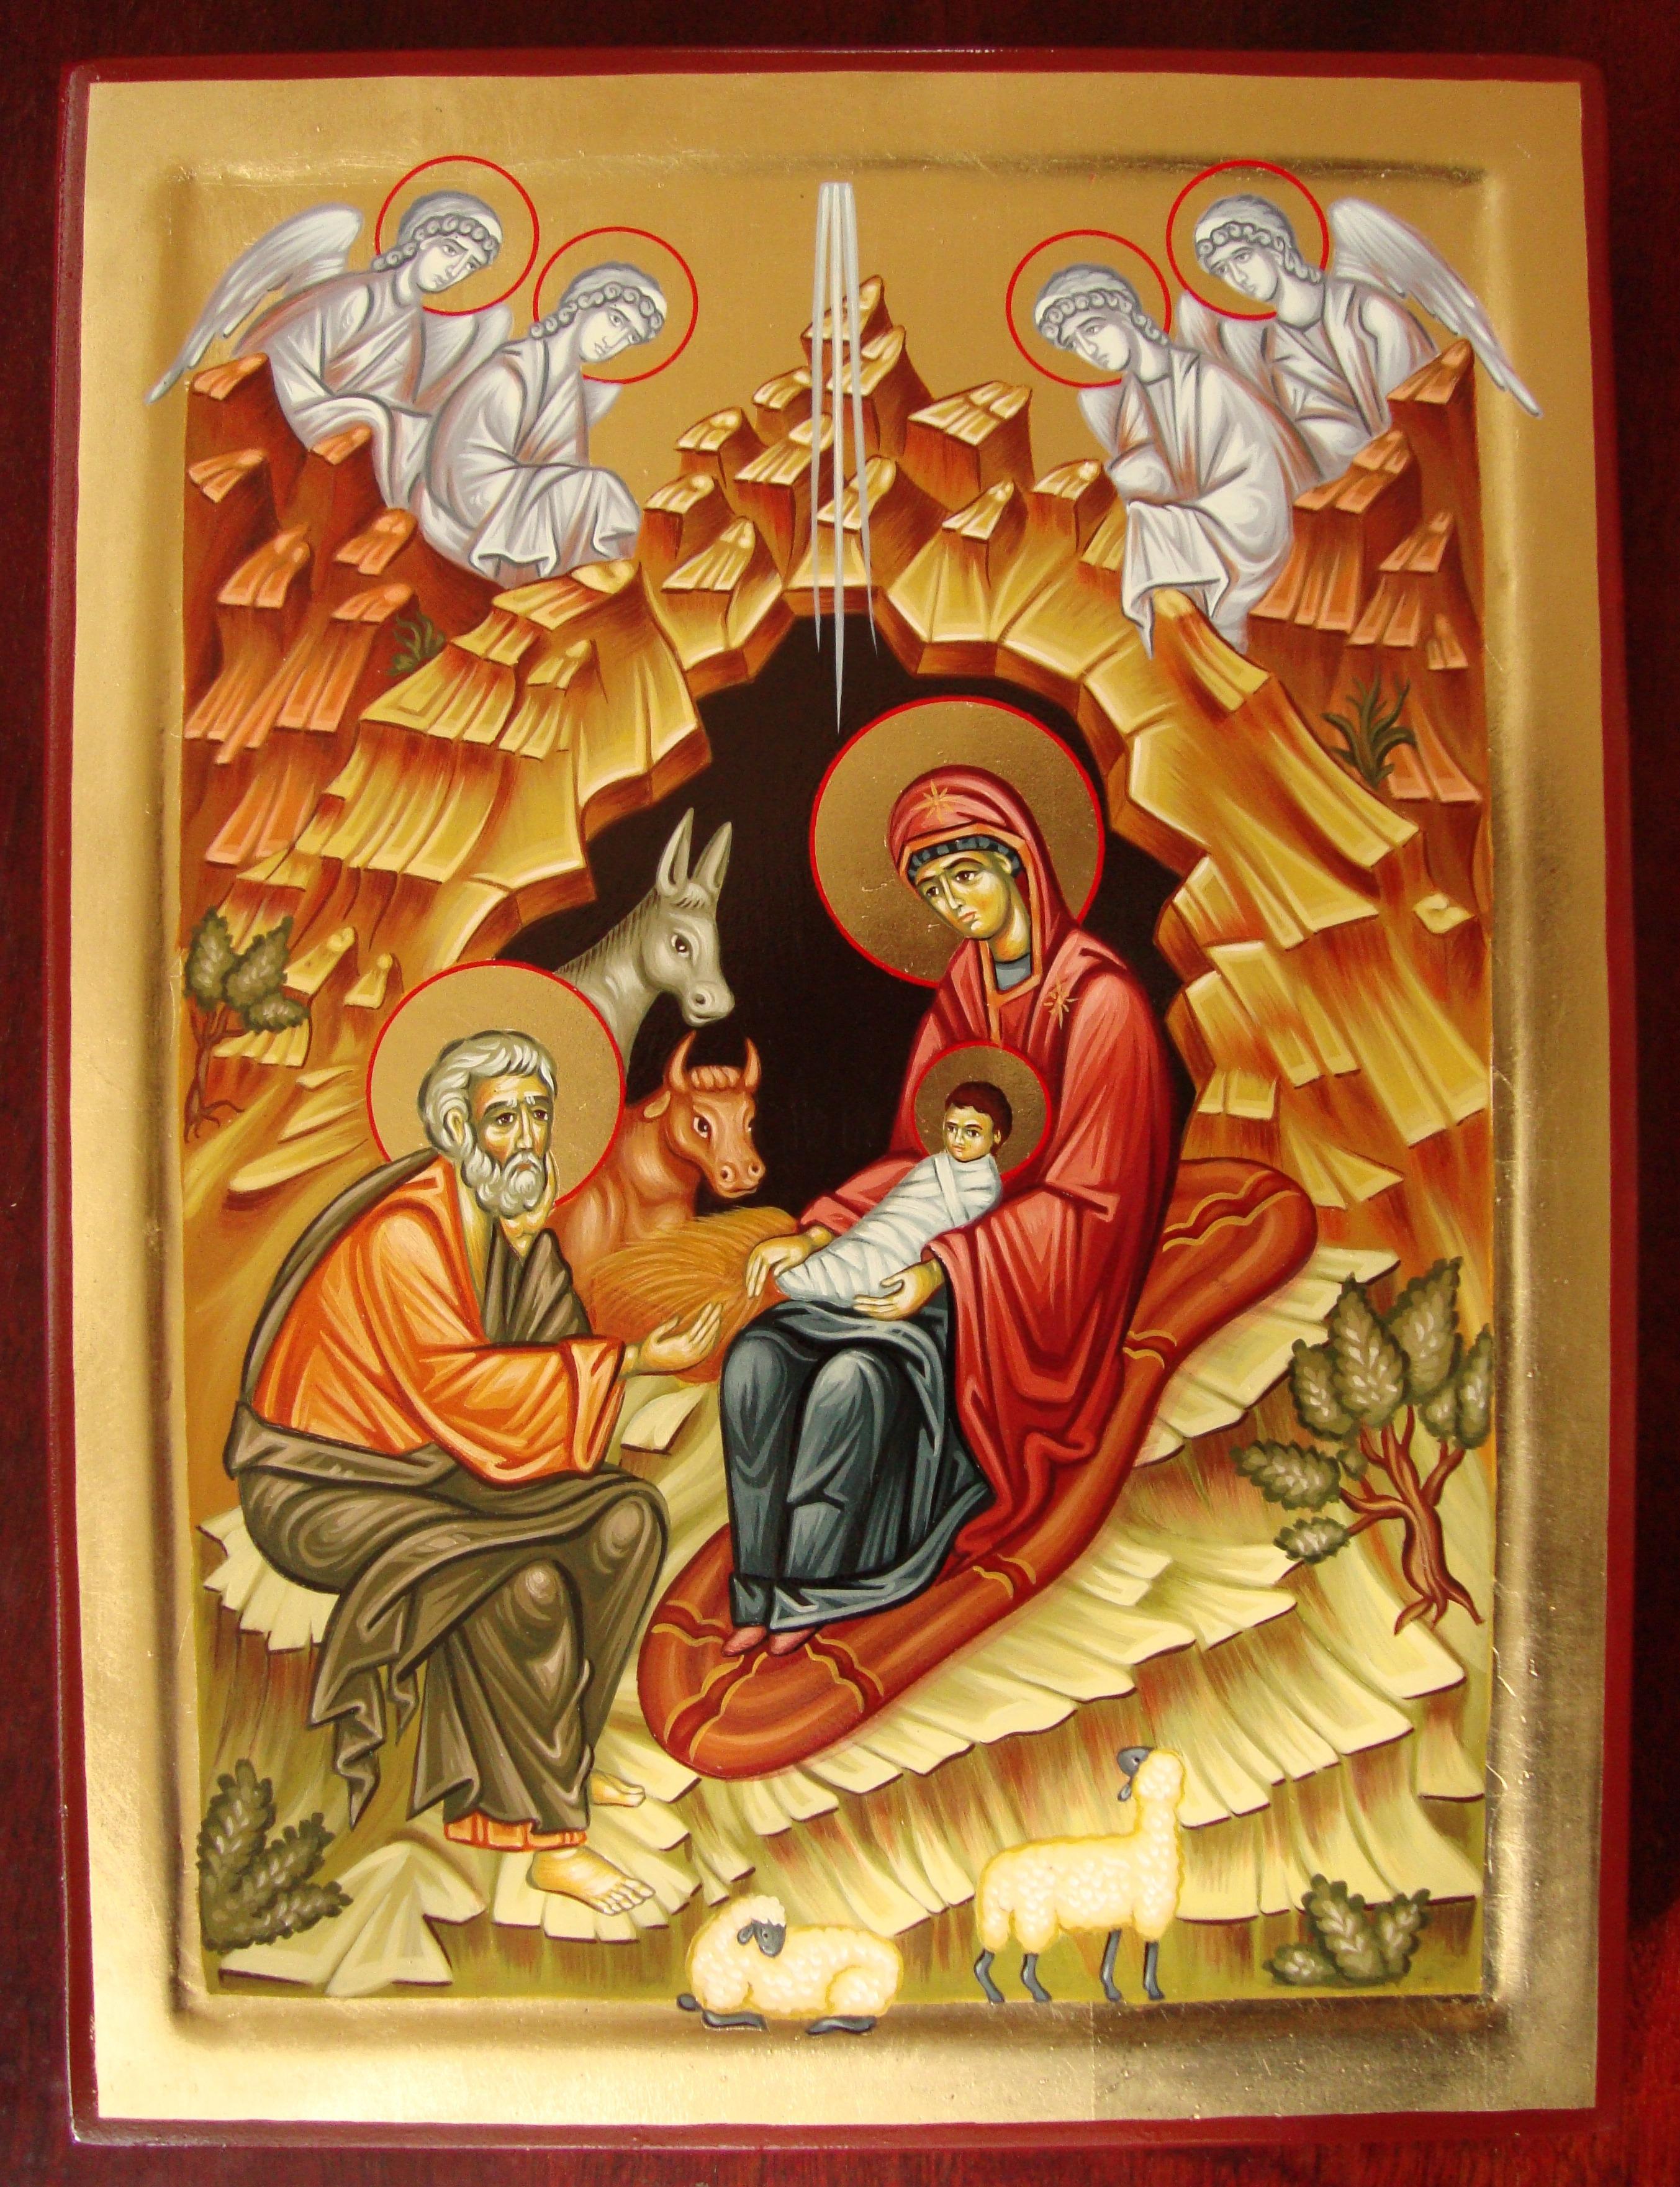 Auguri Buon Natale In Rumeno.Un Natale Stupefacente In Romania